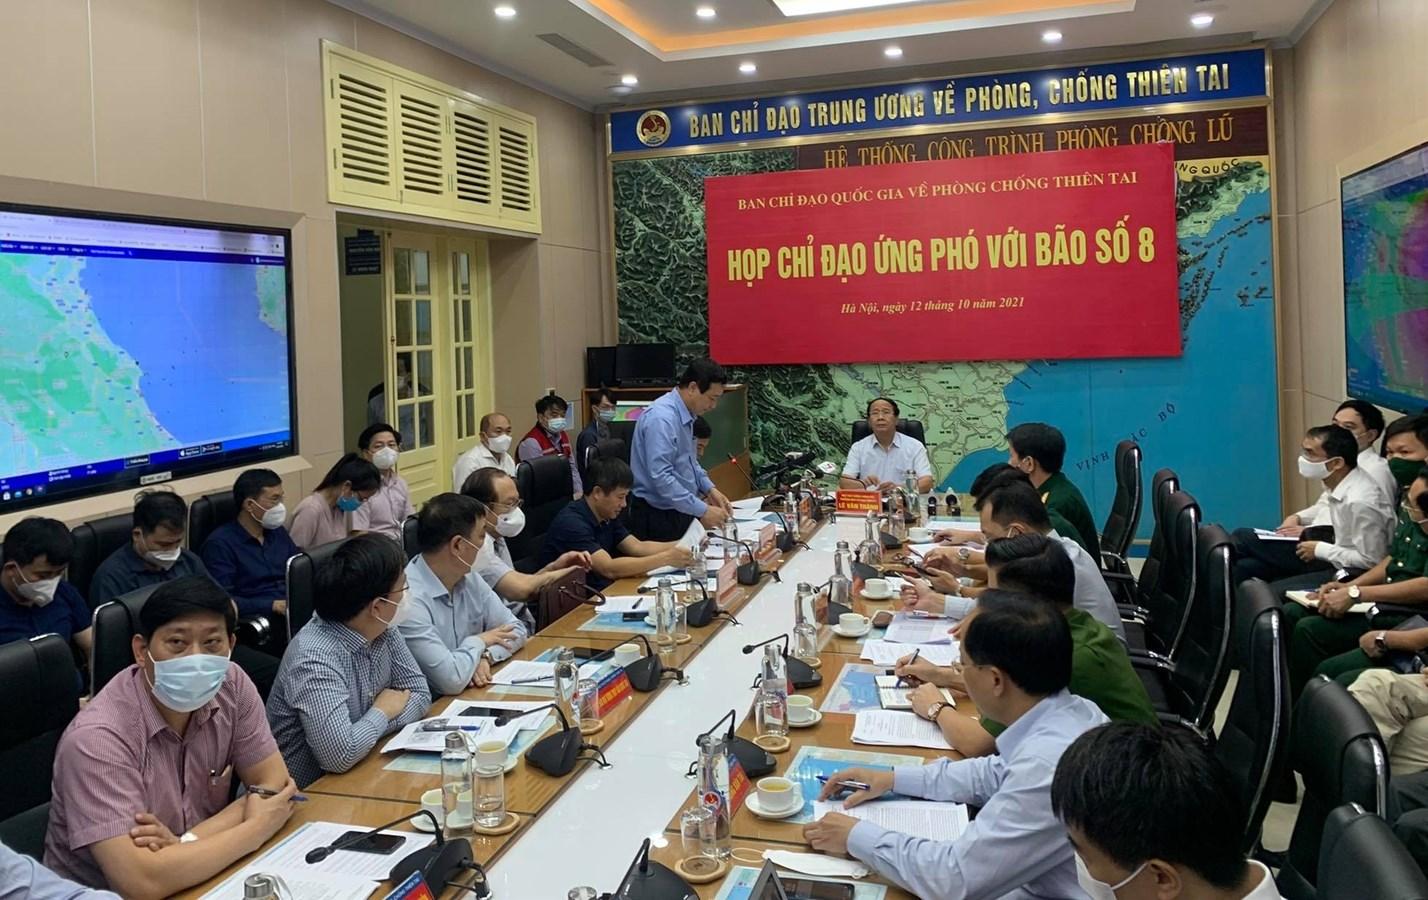 Phó Thủ tướng Lê Văn Thành chủ trì cuộc họp của Ban Chỉ đạo Quốc gia phòng chống thiên tai về ứng phó bão số 8. Ảnh VGP/Đức Tuân